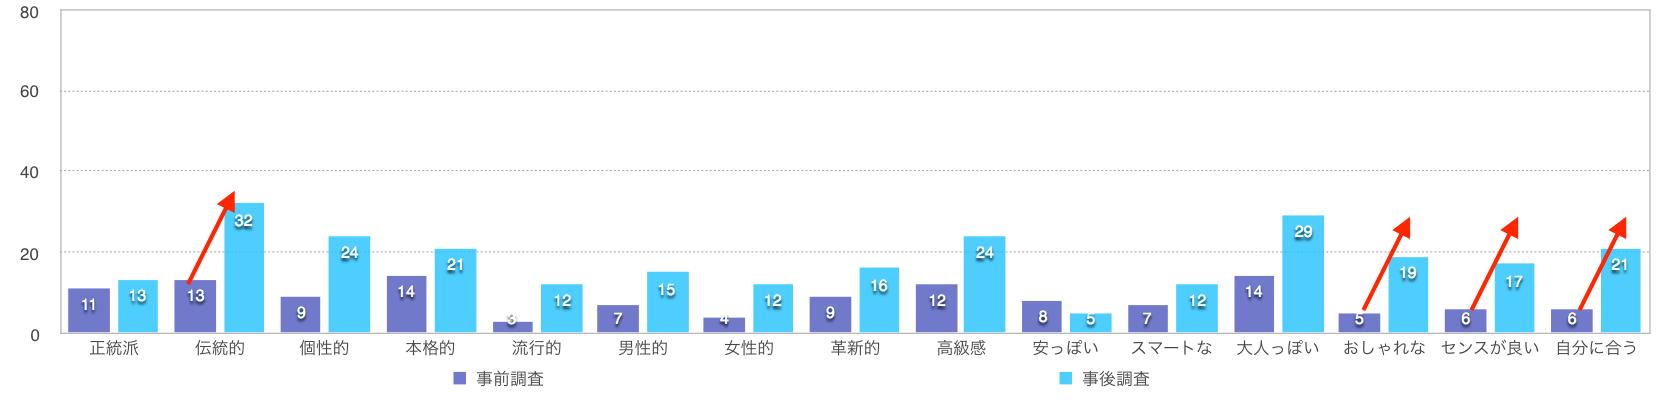 グラフ:島根県のイメージについて